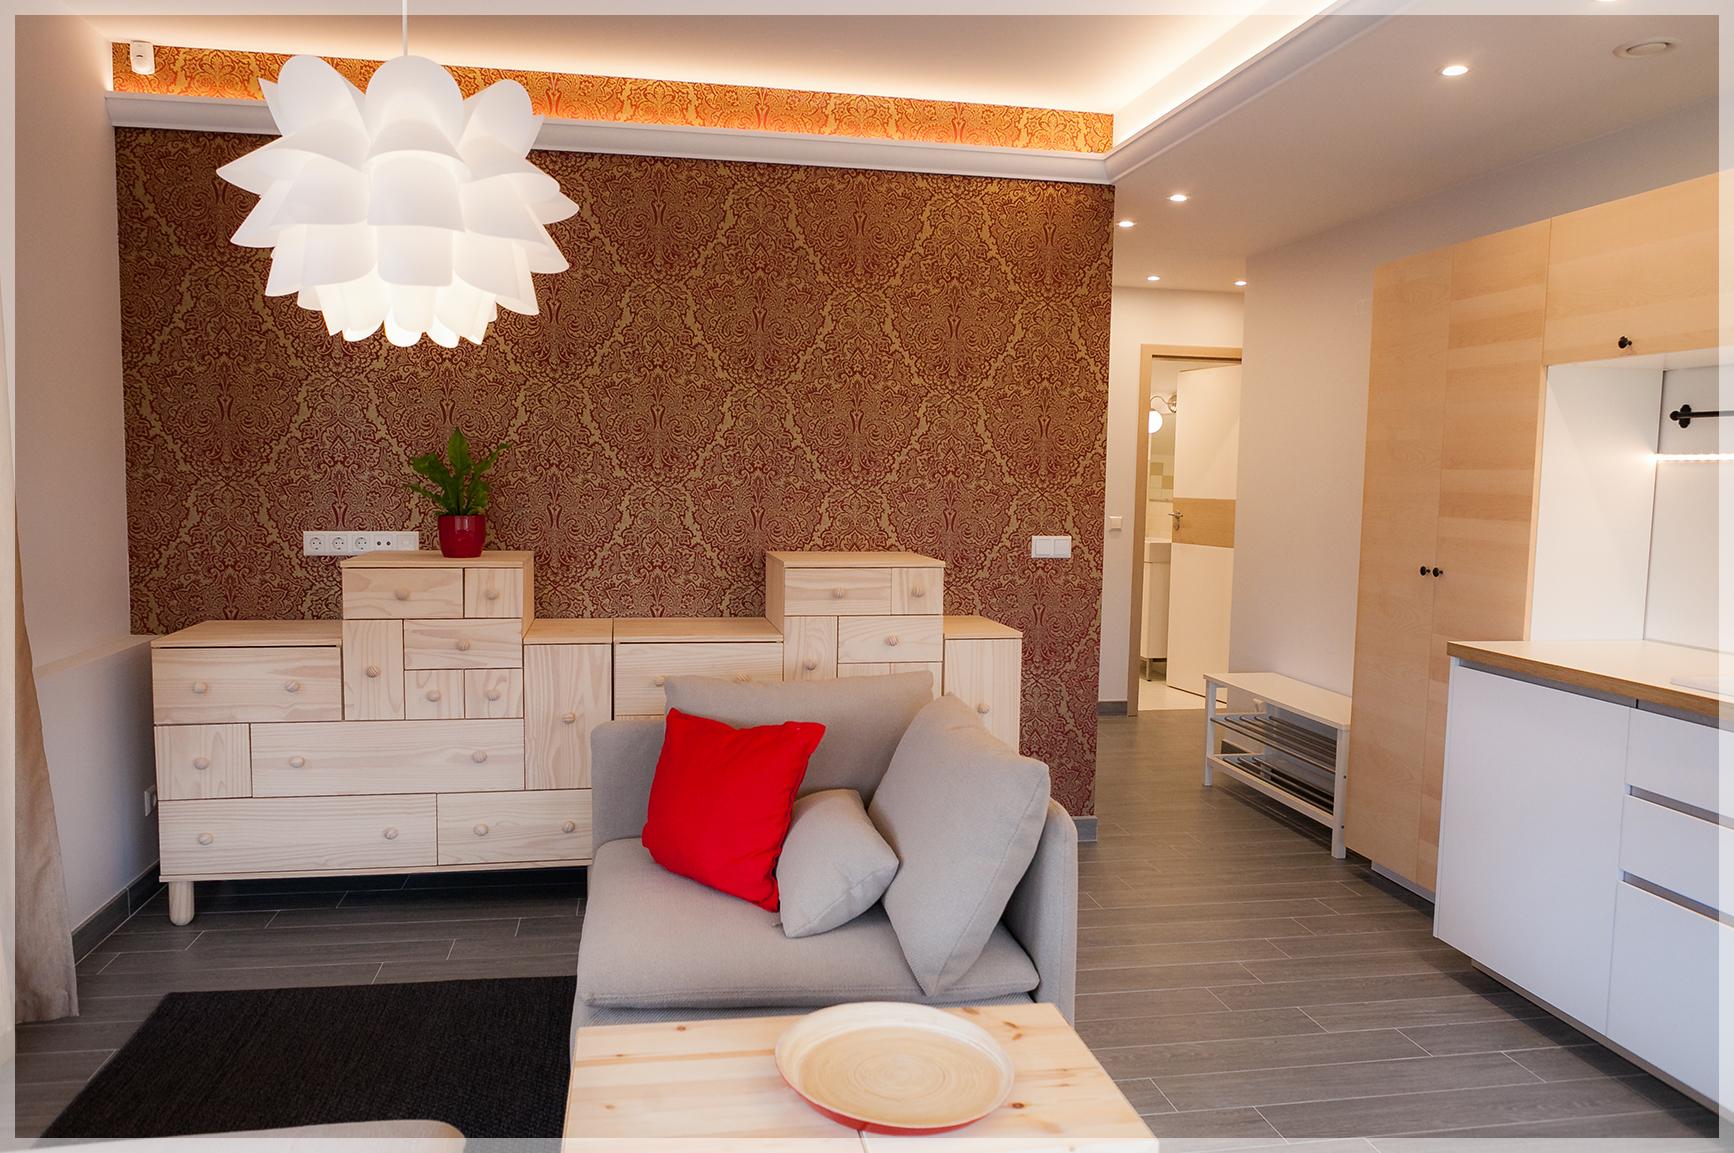 Vila_Nikolas__0001_raudonieji apartamentai